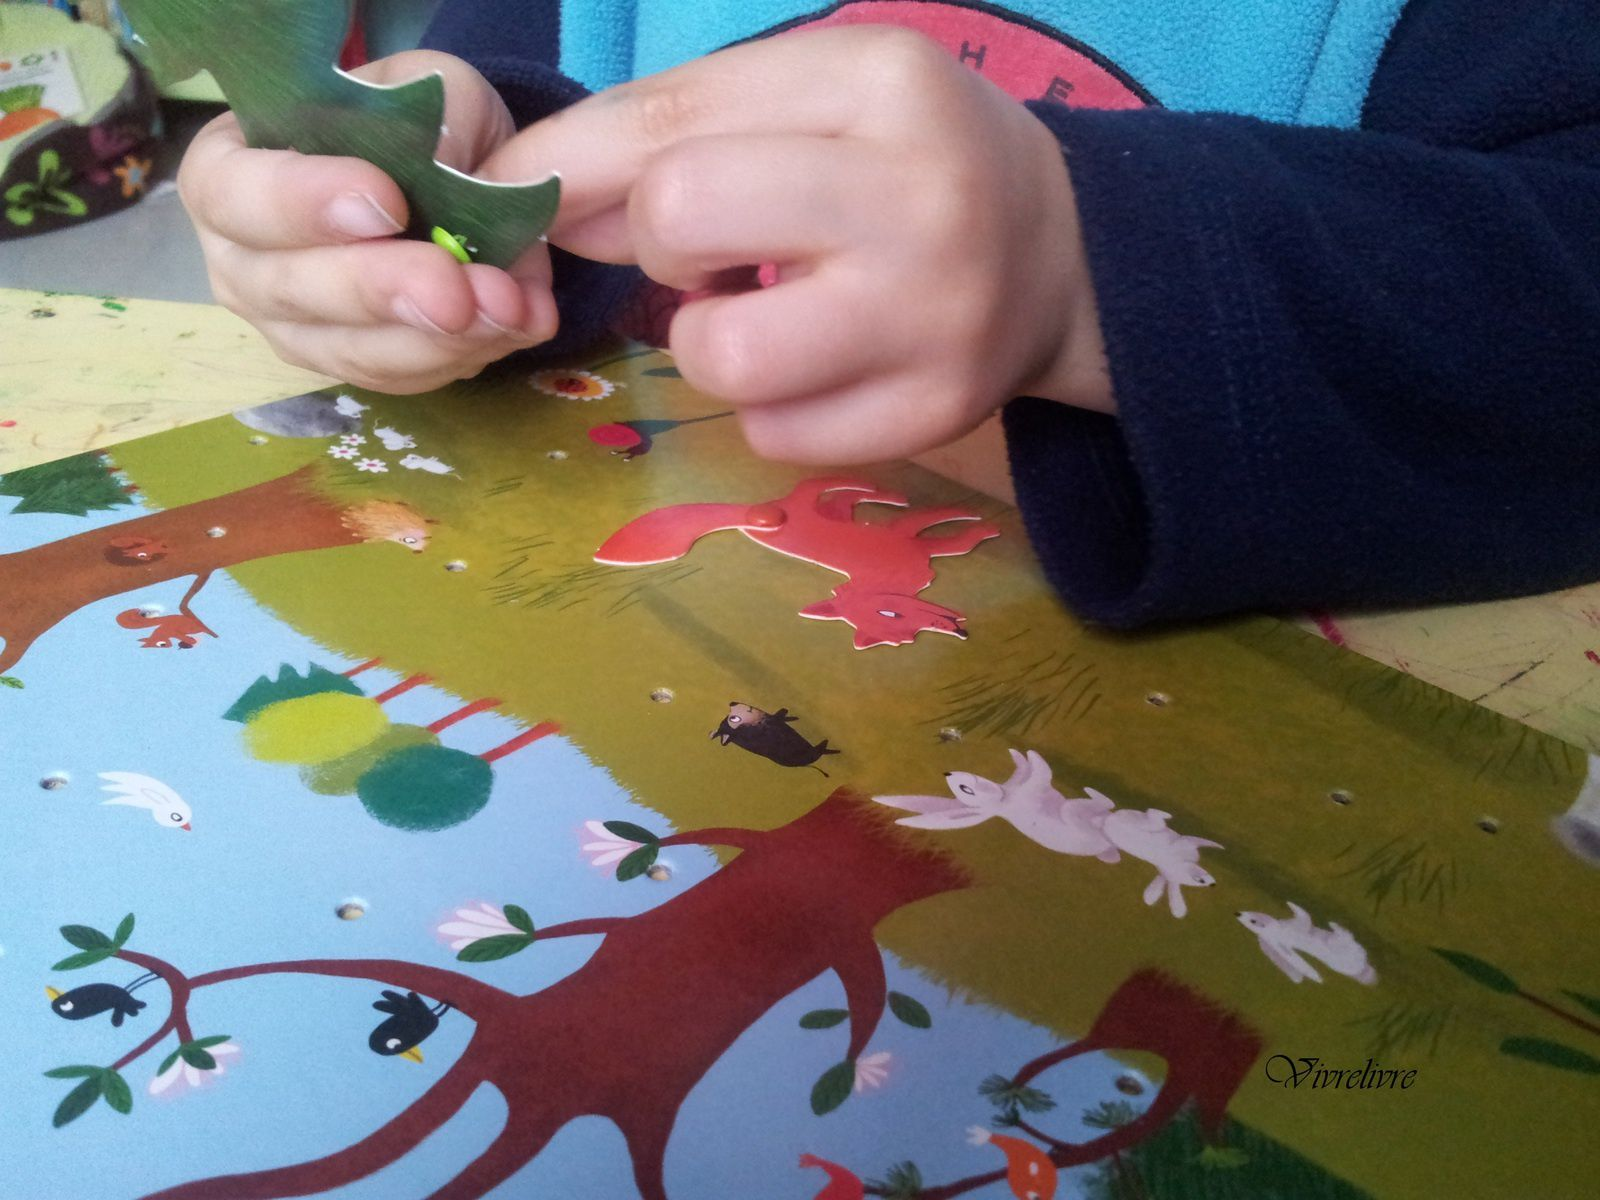 Jouer et découvrir #8 – Loisirs créatifs Djeco dès 3 ans.